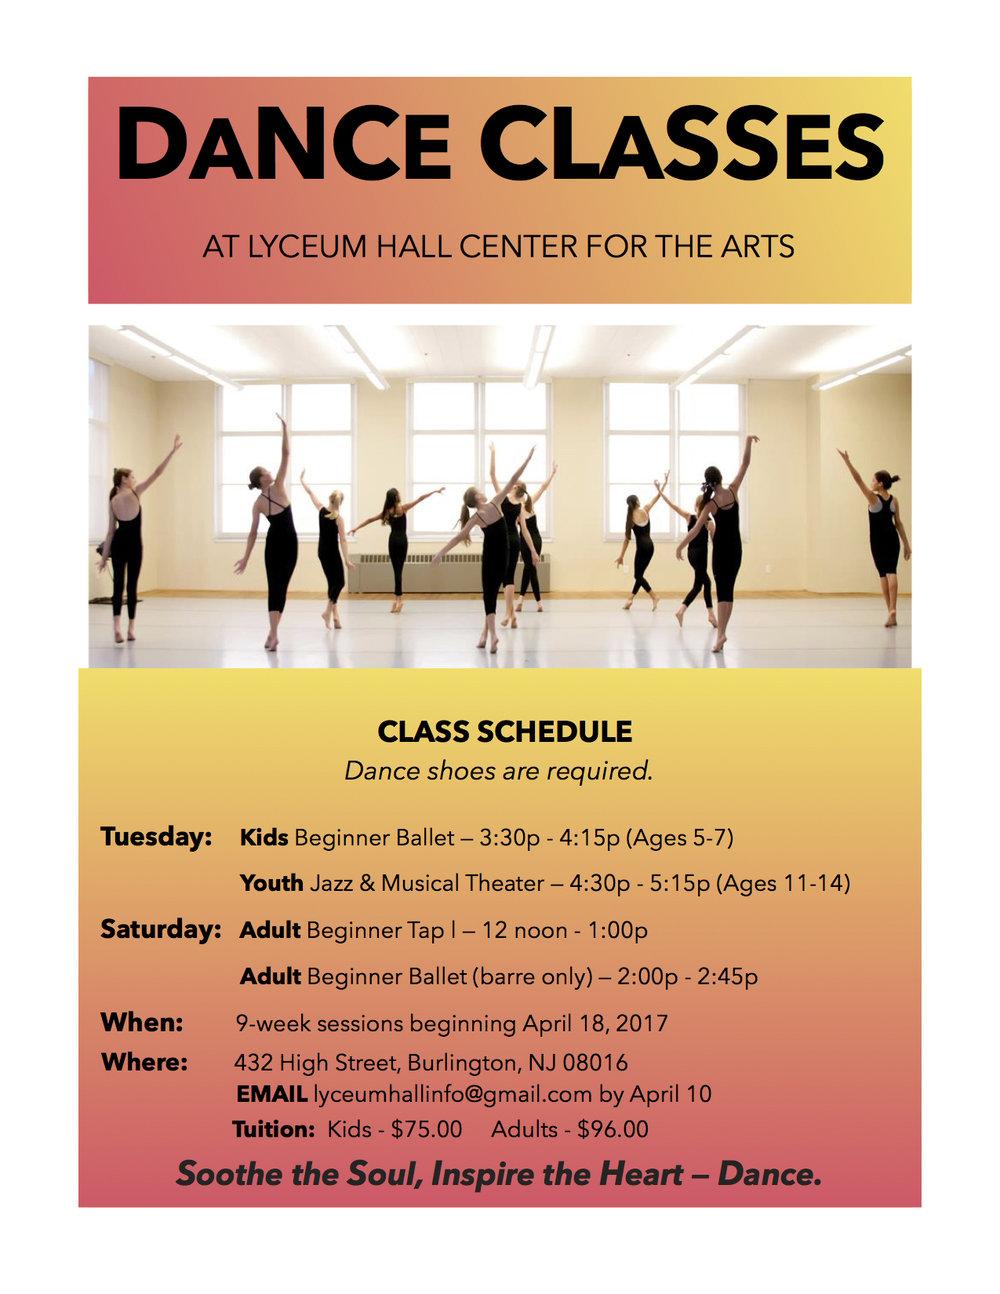 dance classes flyer.jpg